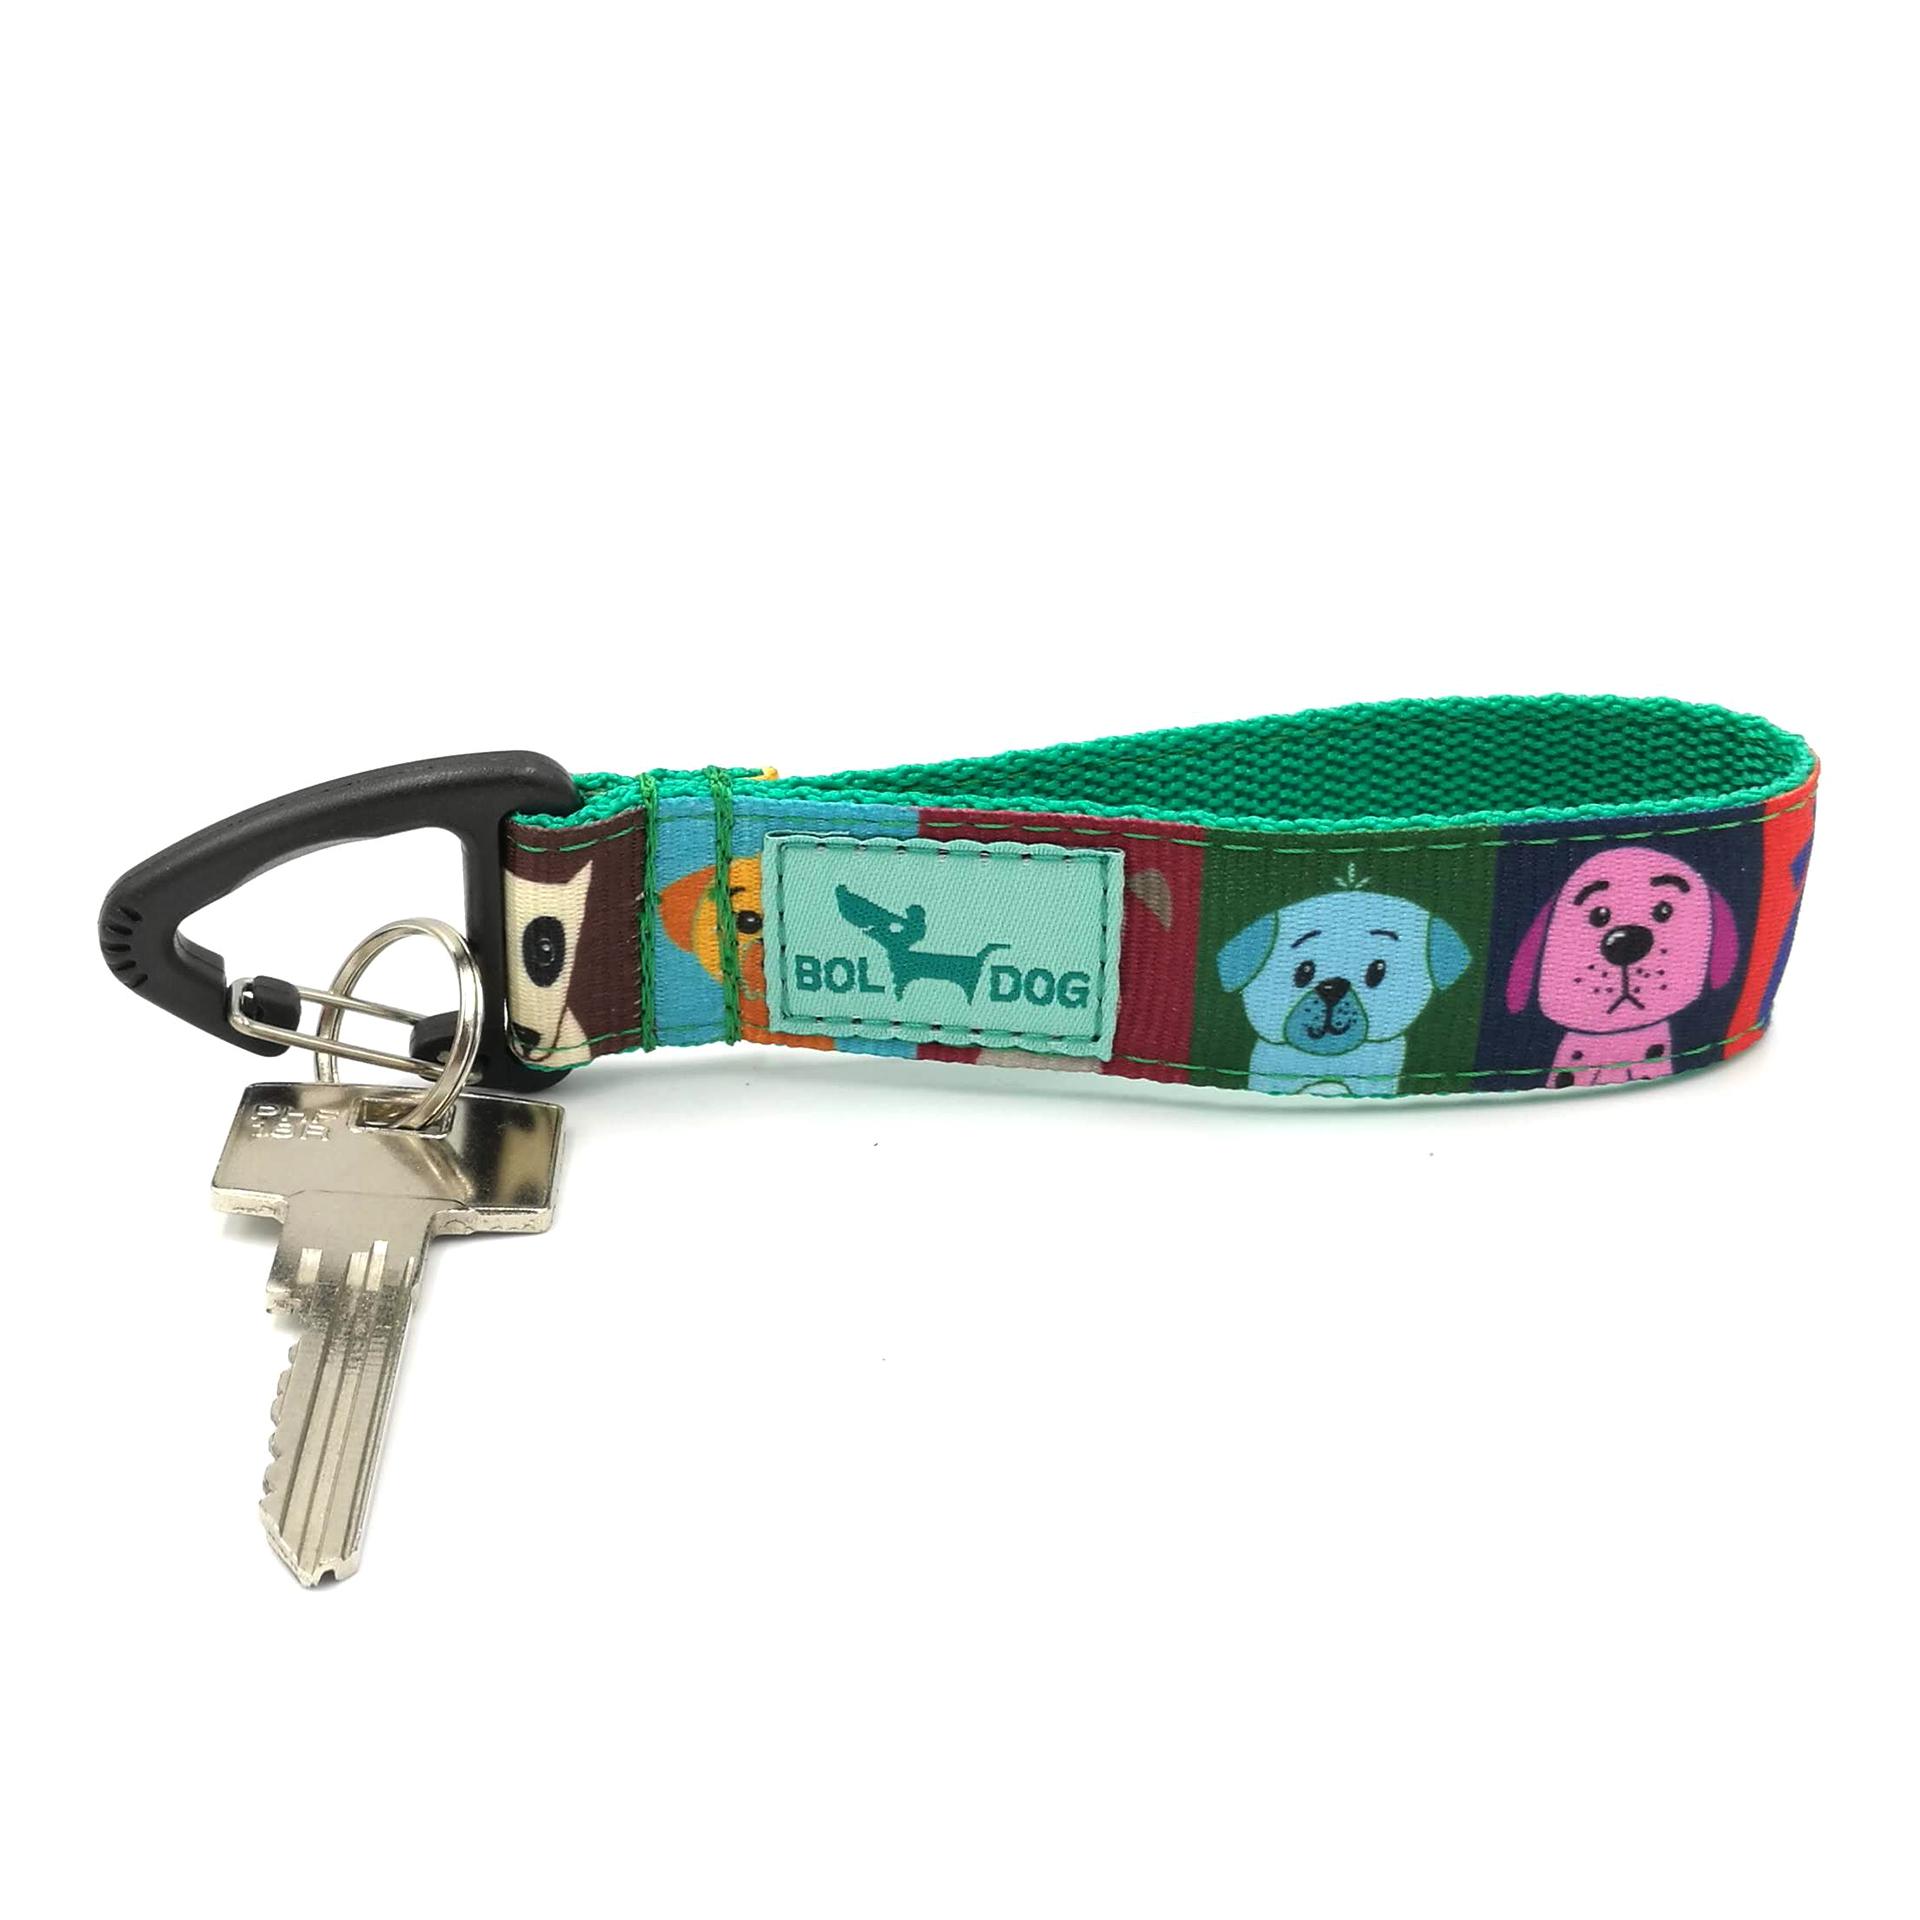 Doggie key holder.